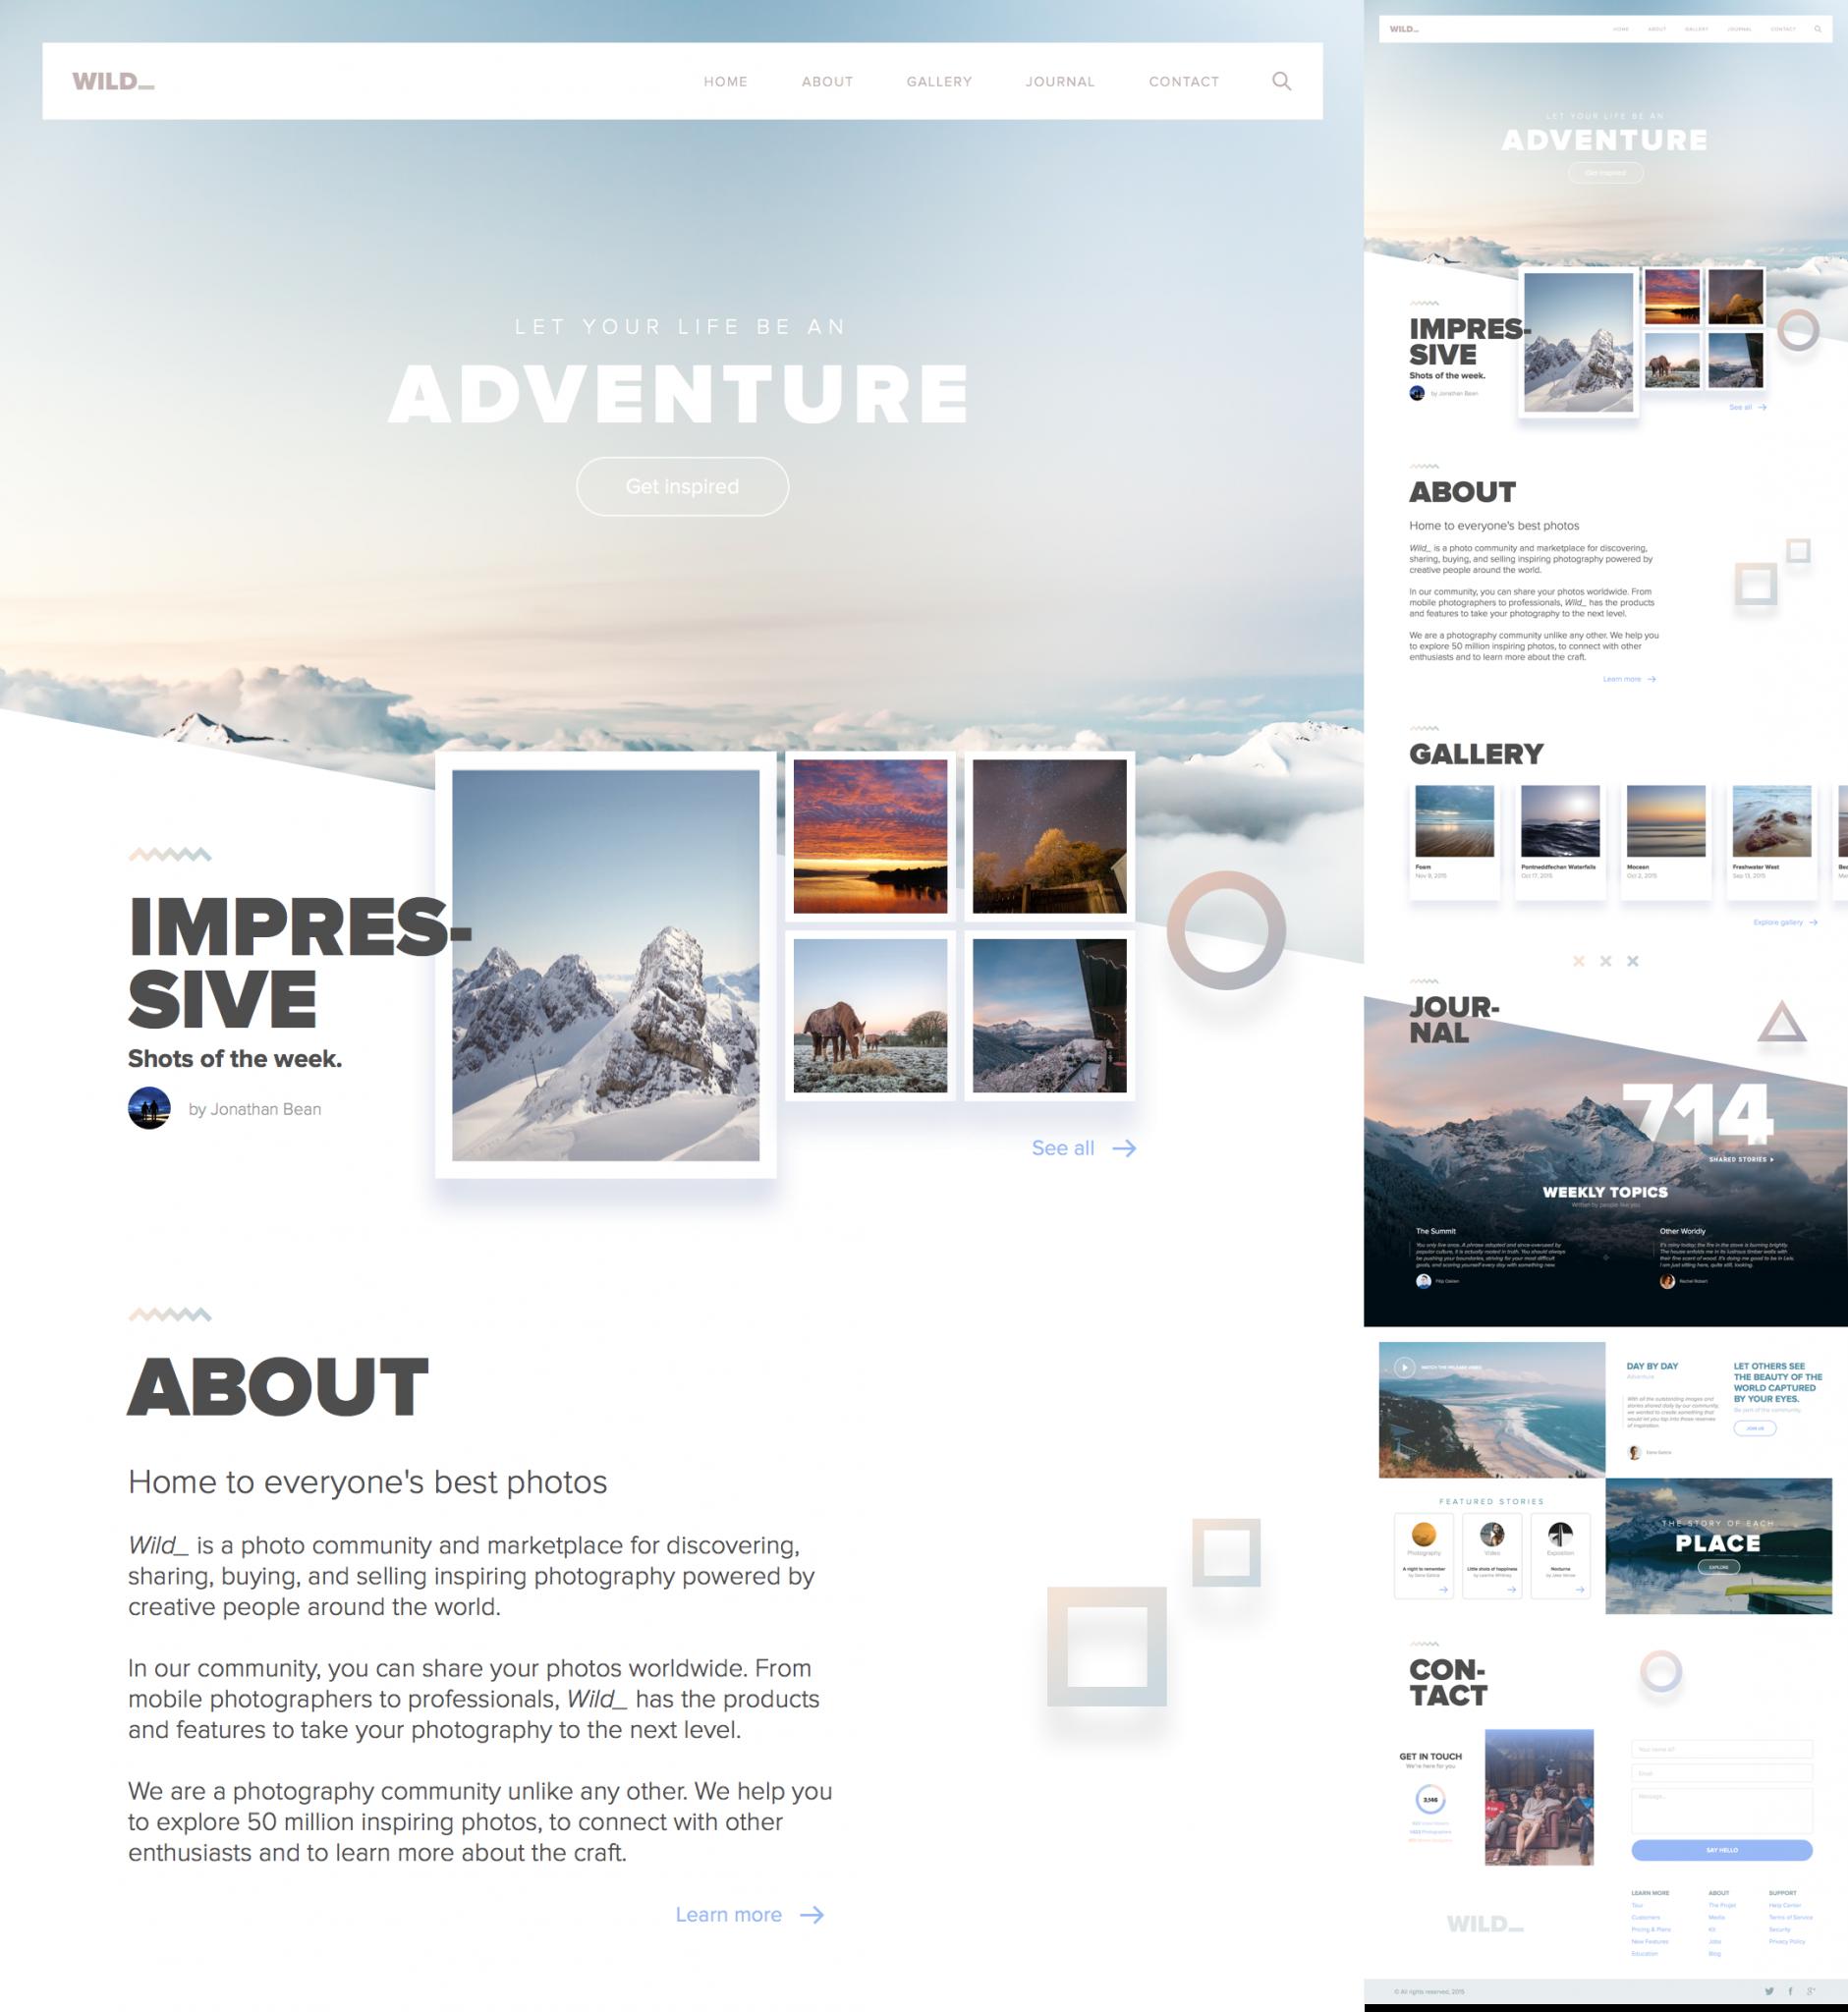 website template for sketch - Journey, Adventure, Wild